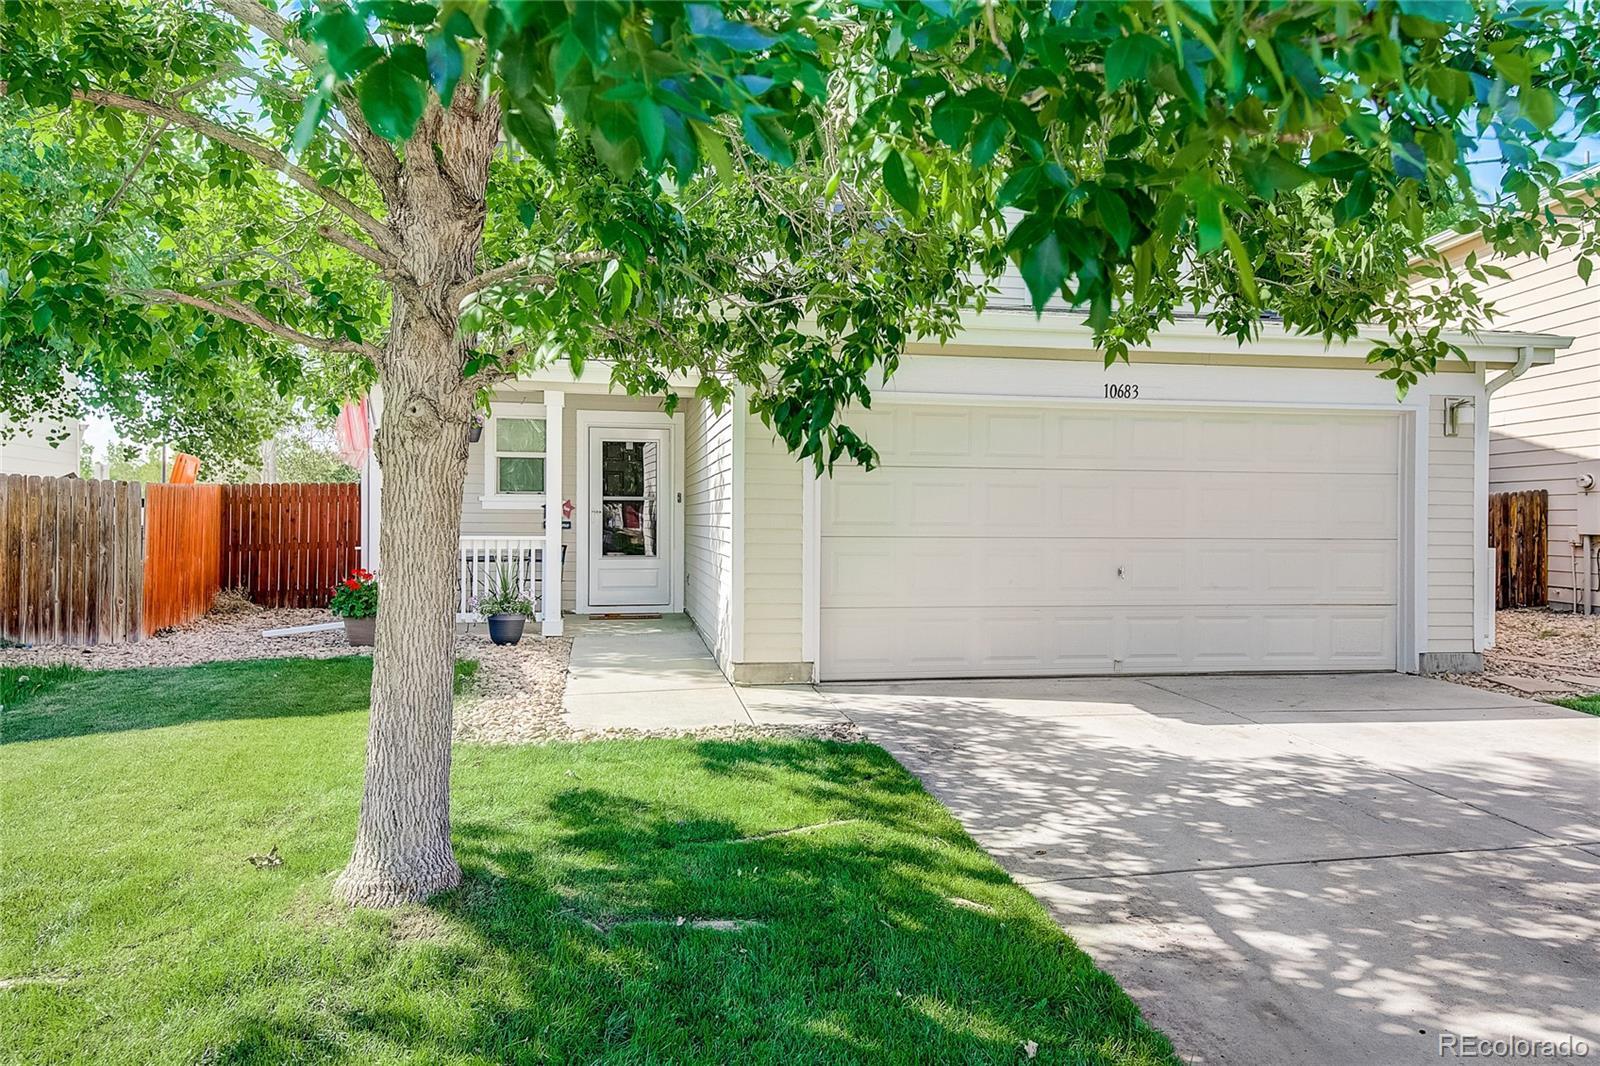 MLS# 5958307 - 2 - 10683 Butte Drive, Longmont, CO 80504